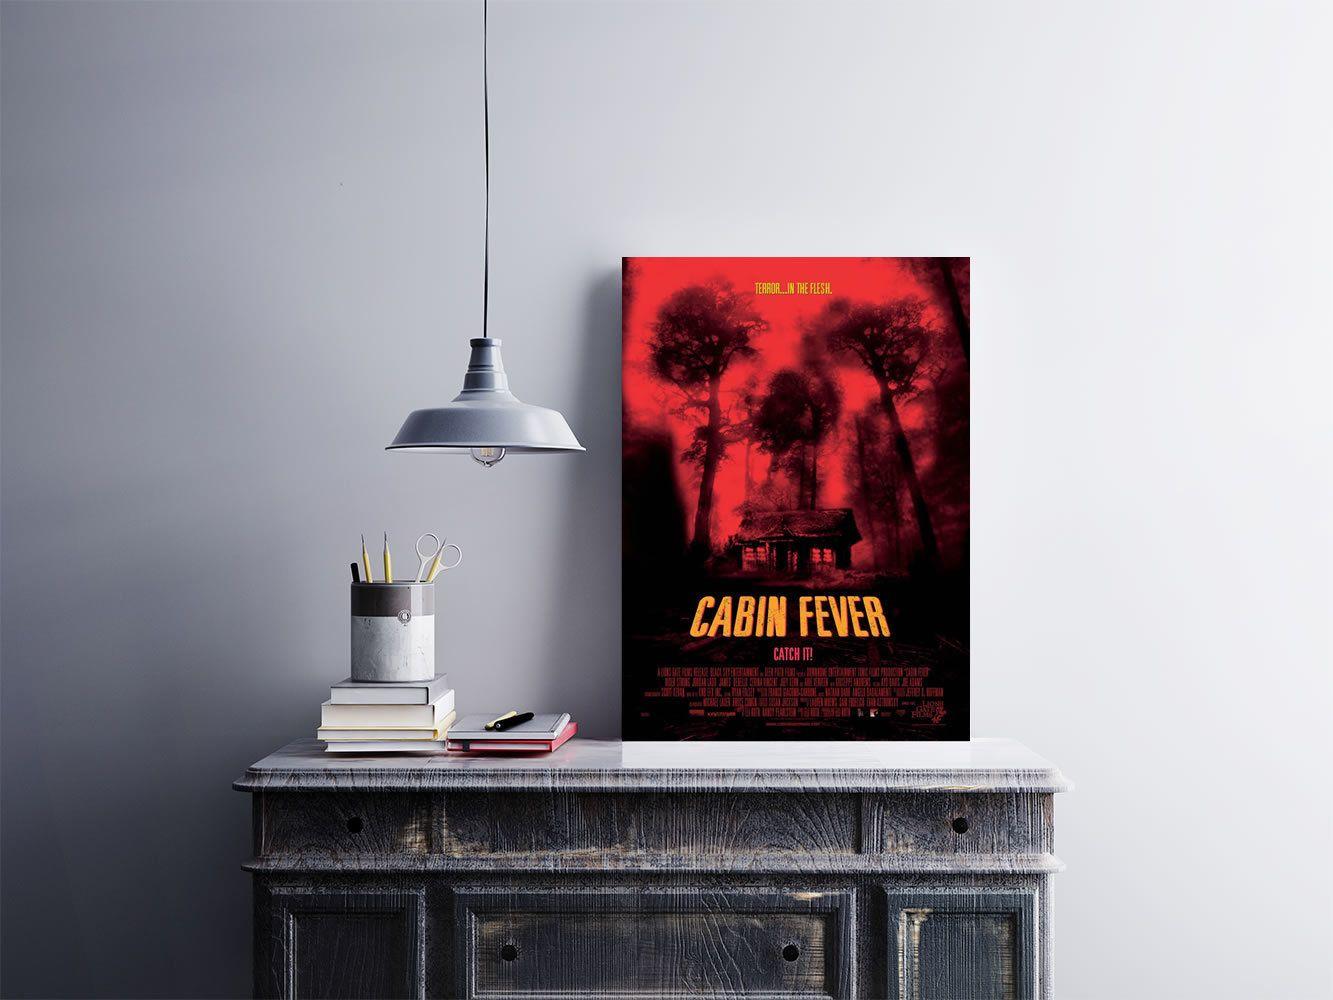 """Placa decorativa """"Filme Cabin Fever""""  Temos quadros com moldura e vidro protetor e placas decorativas em MDF.  Visite nossa loja e conheça nossos diversos modelos.  Loja virtual: www.arteemposter.com.br  Facebook: fb.com/arteemposter  Instagram: instagram.com/rogergon1975  #placa #adesivo #poster #quadro #vidro #parede #moldura"""